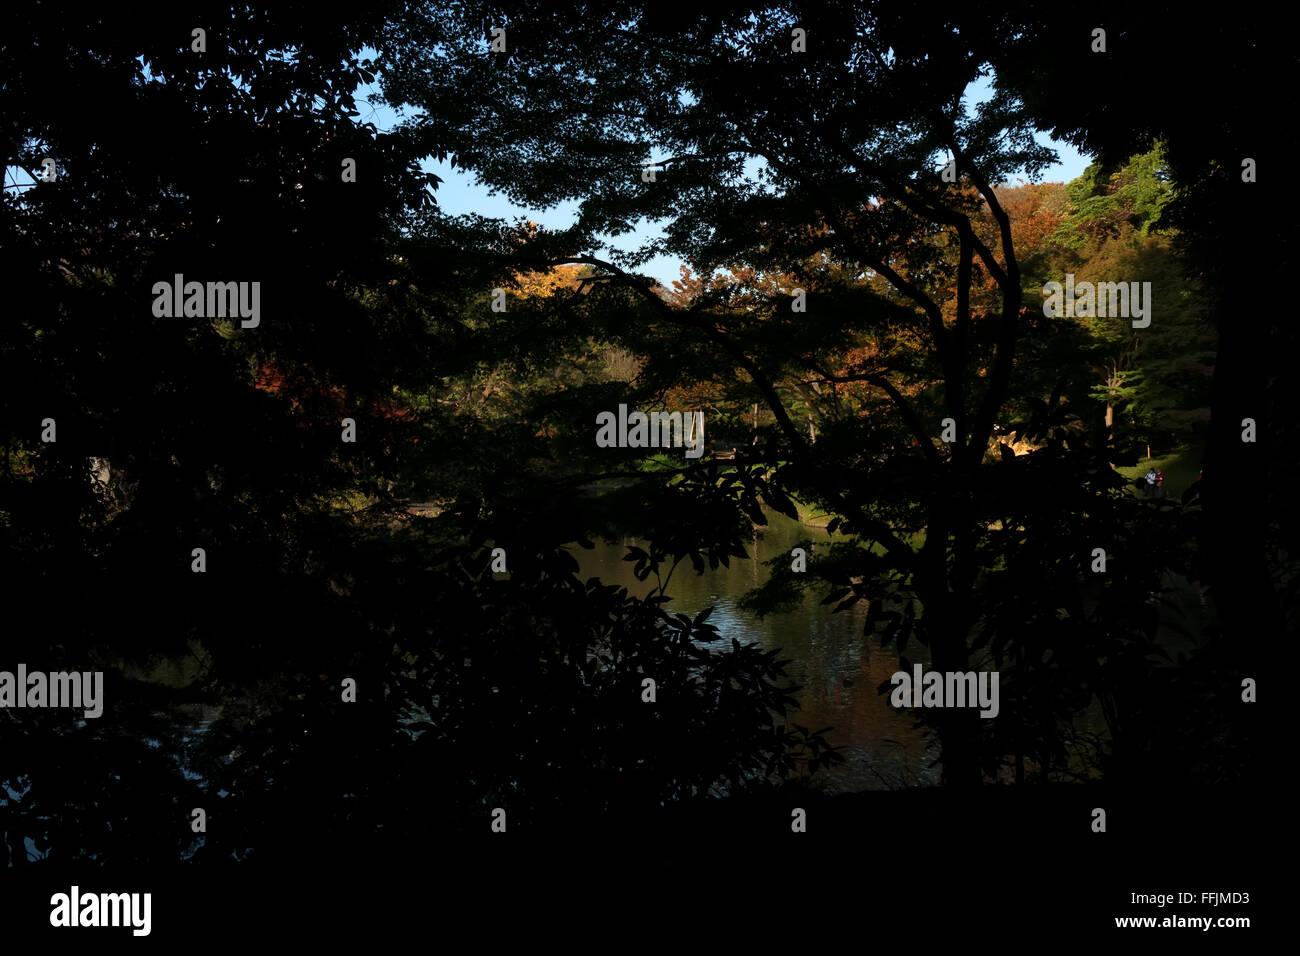 Koishikawa Korakuen Garden, Tokyo, Japan. City park in fall season, autumn foliage on trees. Japanese culture, nature, - Stock Image